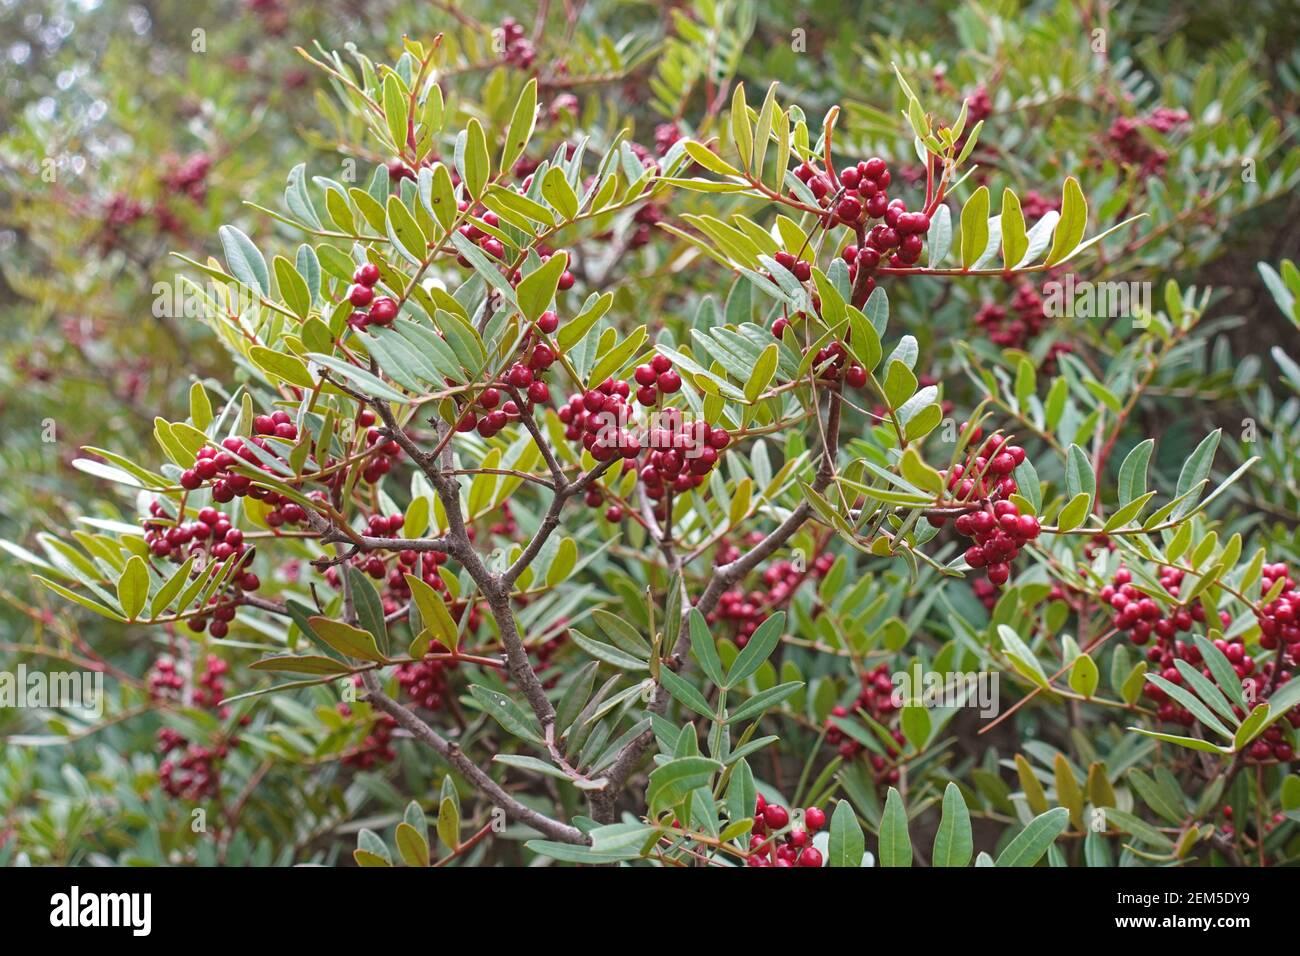 Pianta arbusto di Cotoneaster con palle rosse di frutta e foglie verdi. Foto Stock